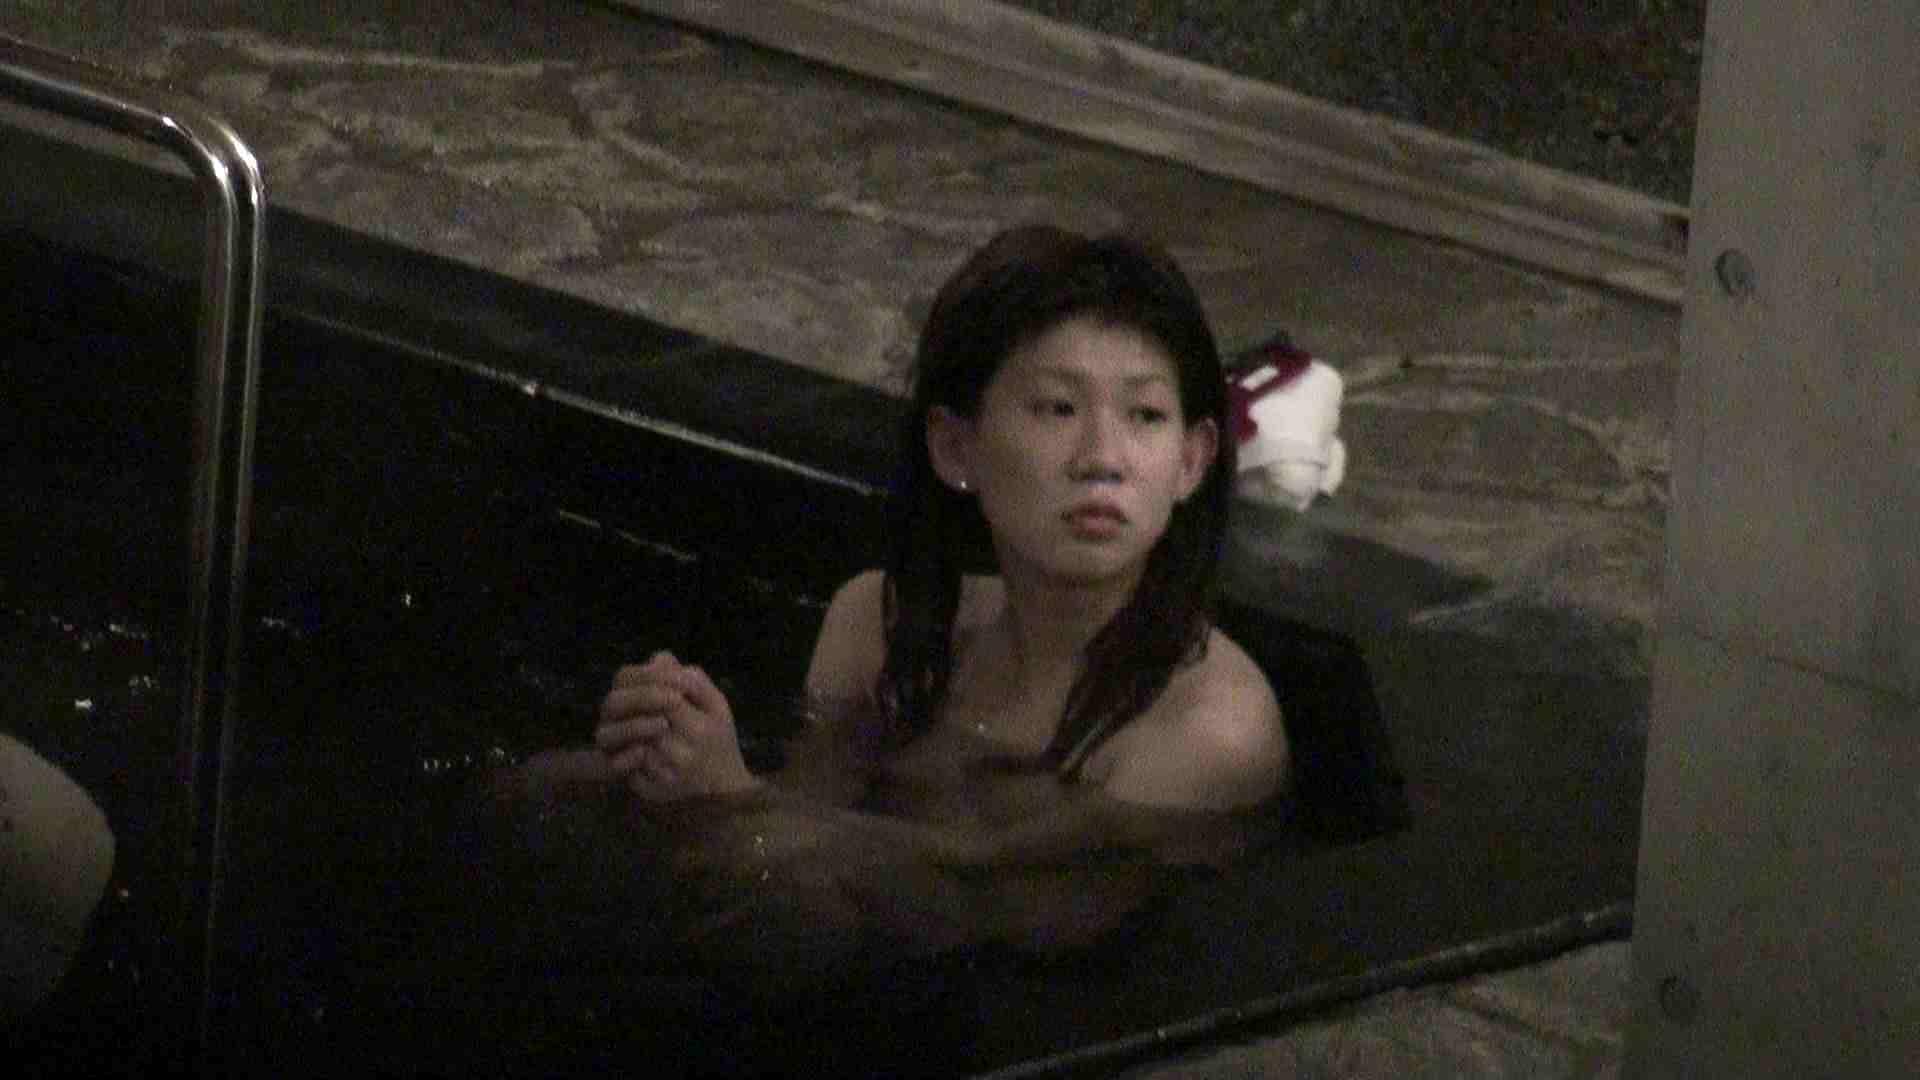 Aquaな露天風呂Vol.371 盗撮 | 綺麗なOLたち  94枚 73